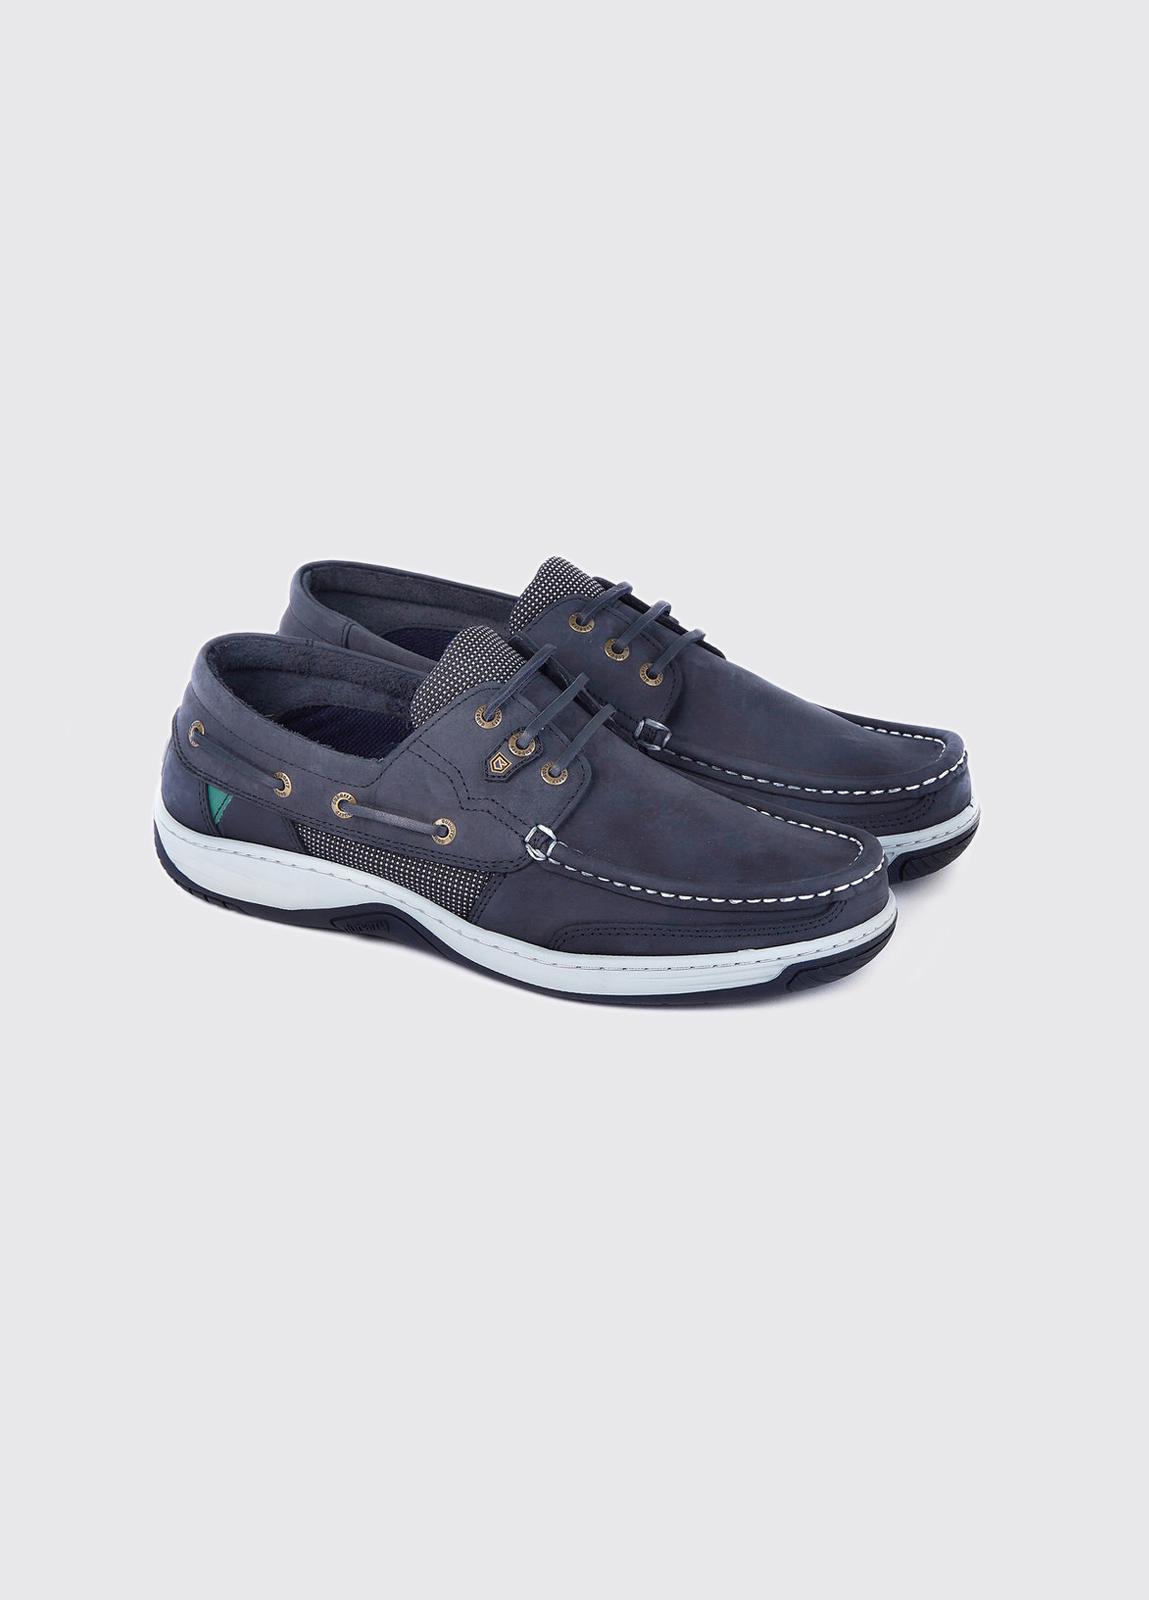 Regatta Deck Shoe - French Navy